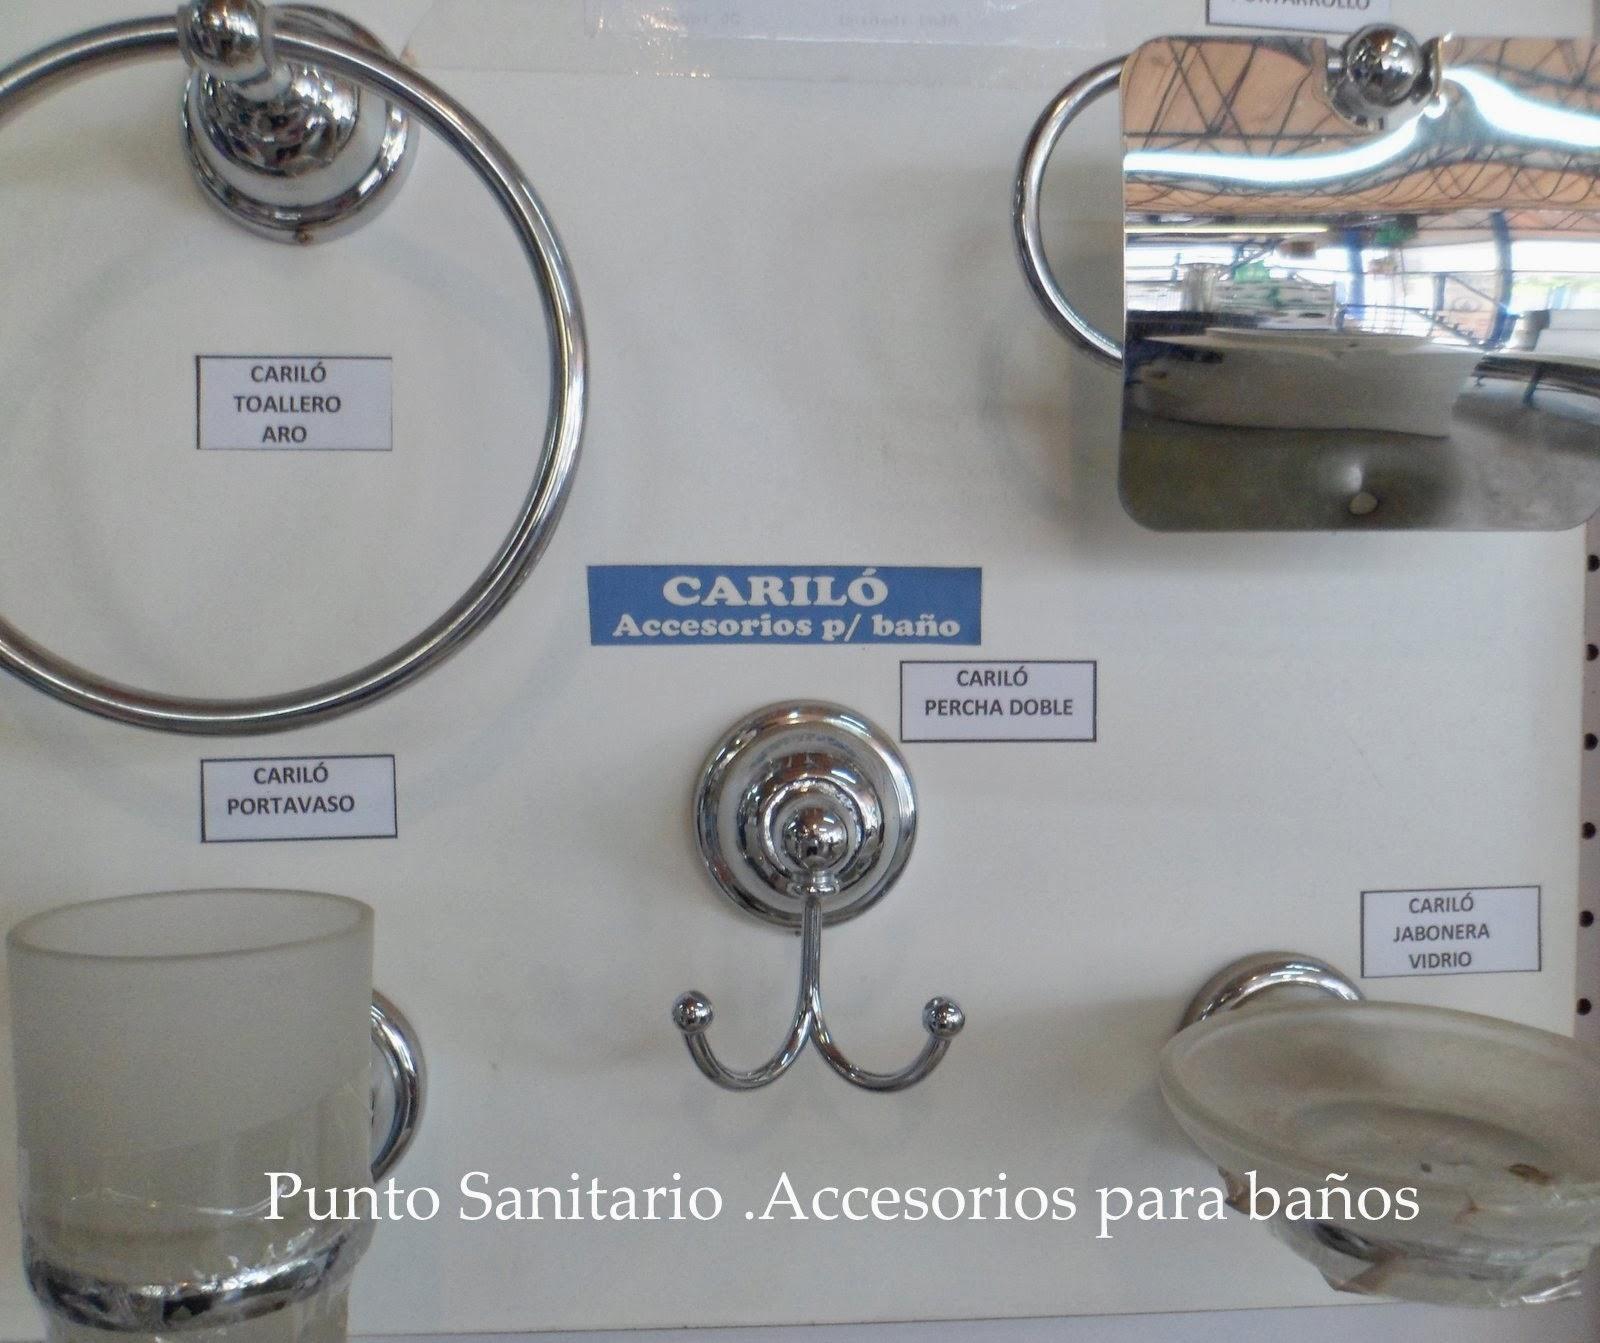 Accesorios de ba o ubicacion for Conjunto de accesorios de bano